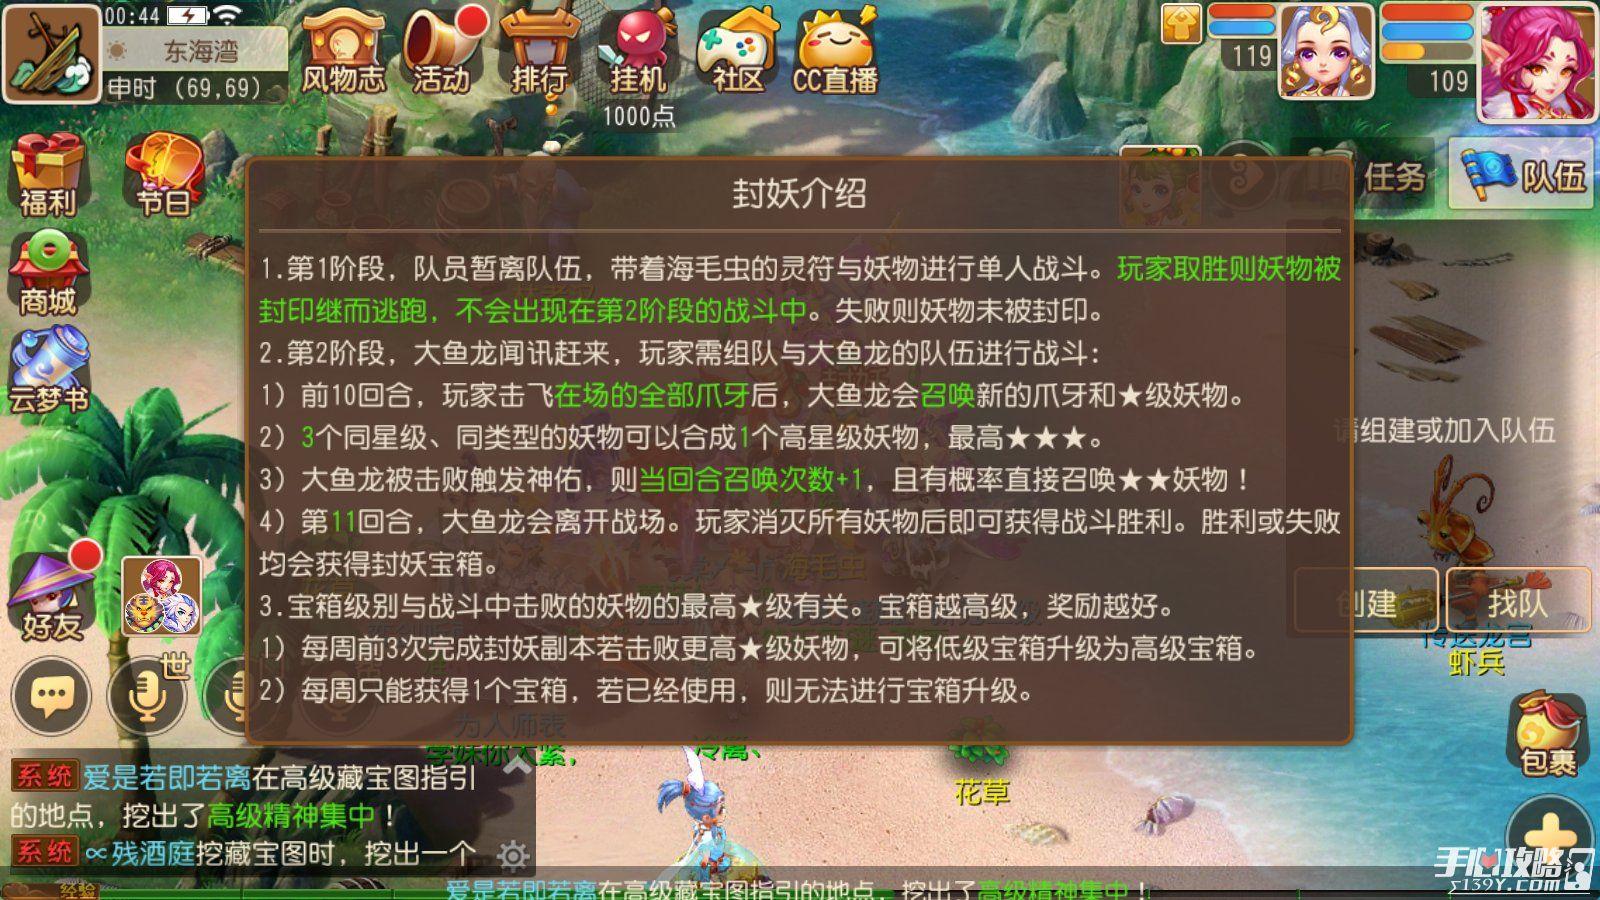 《梦幻西游》手游全新封妖玩法测试中3